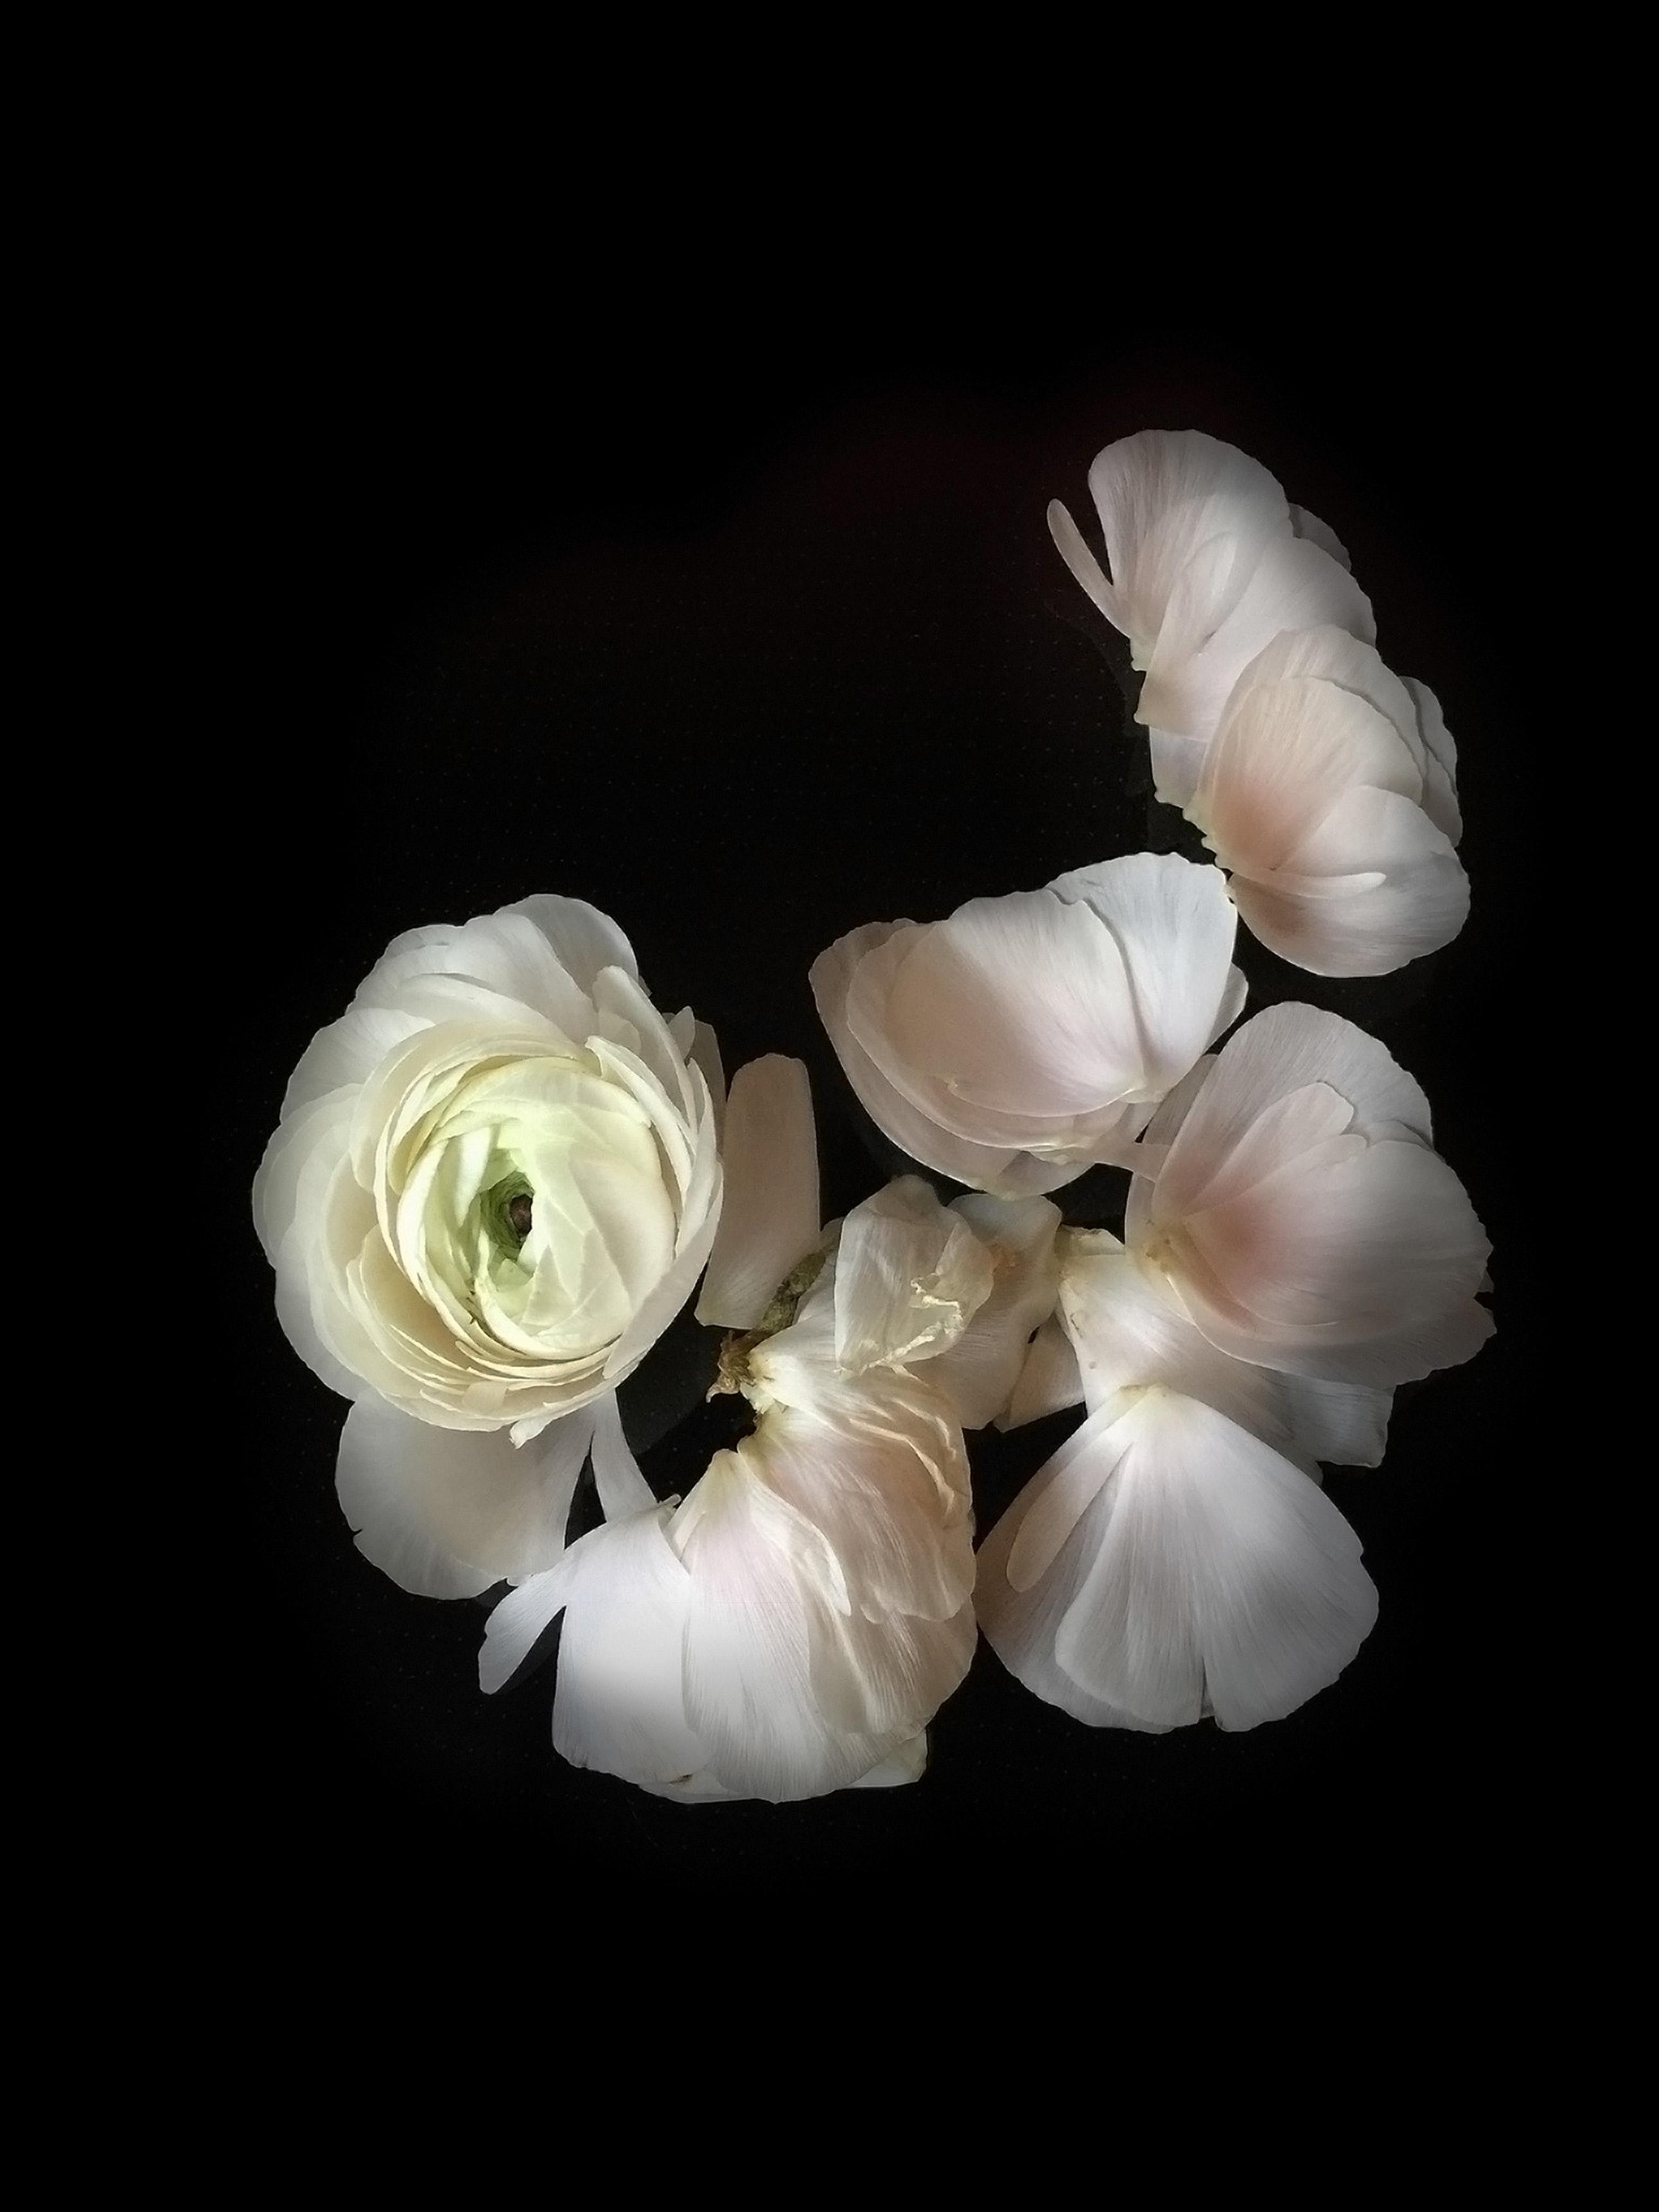 Kostenloses Foto Zum Thema Blumen Flora Kontrastierend